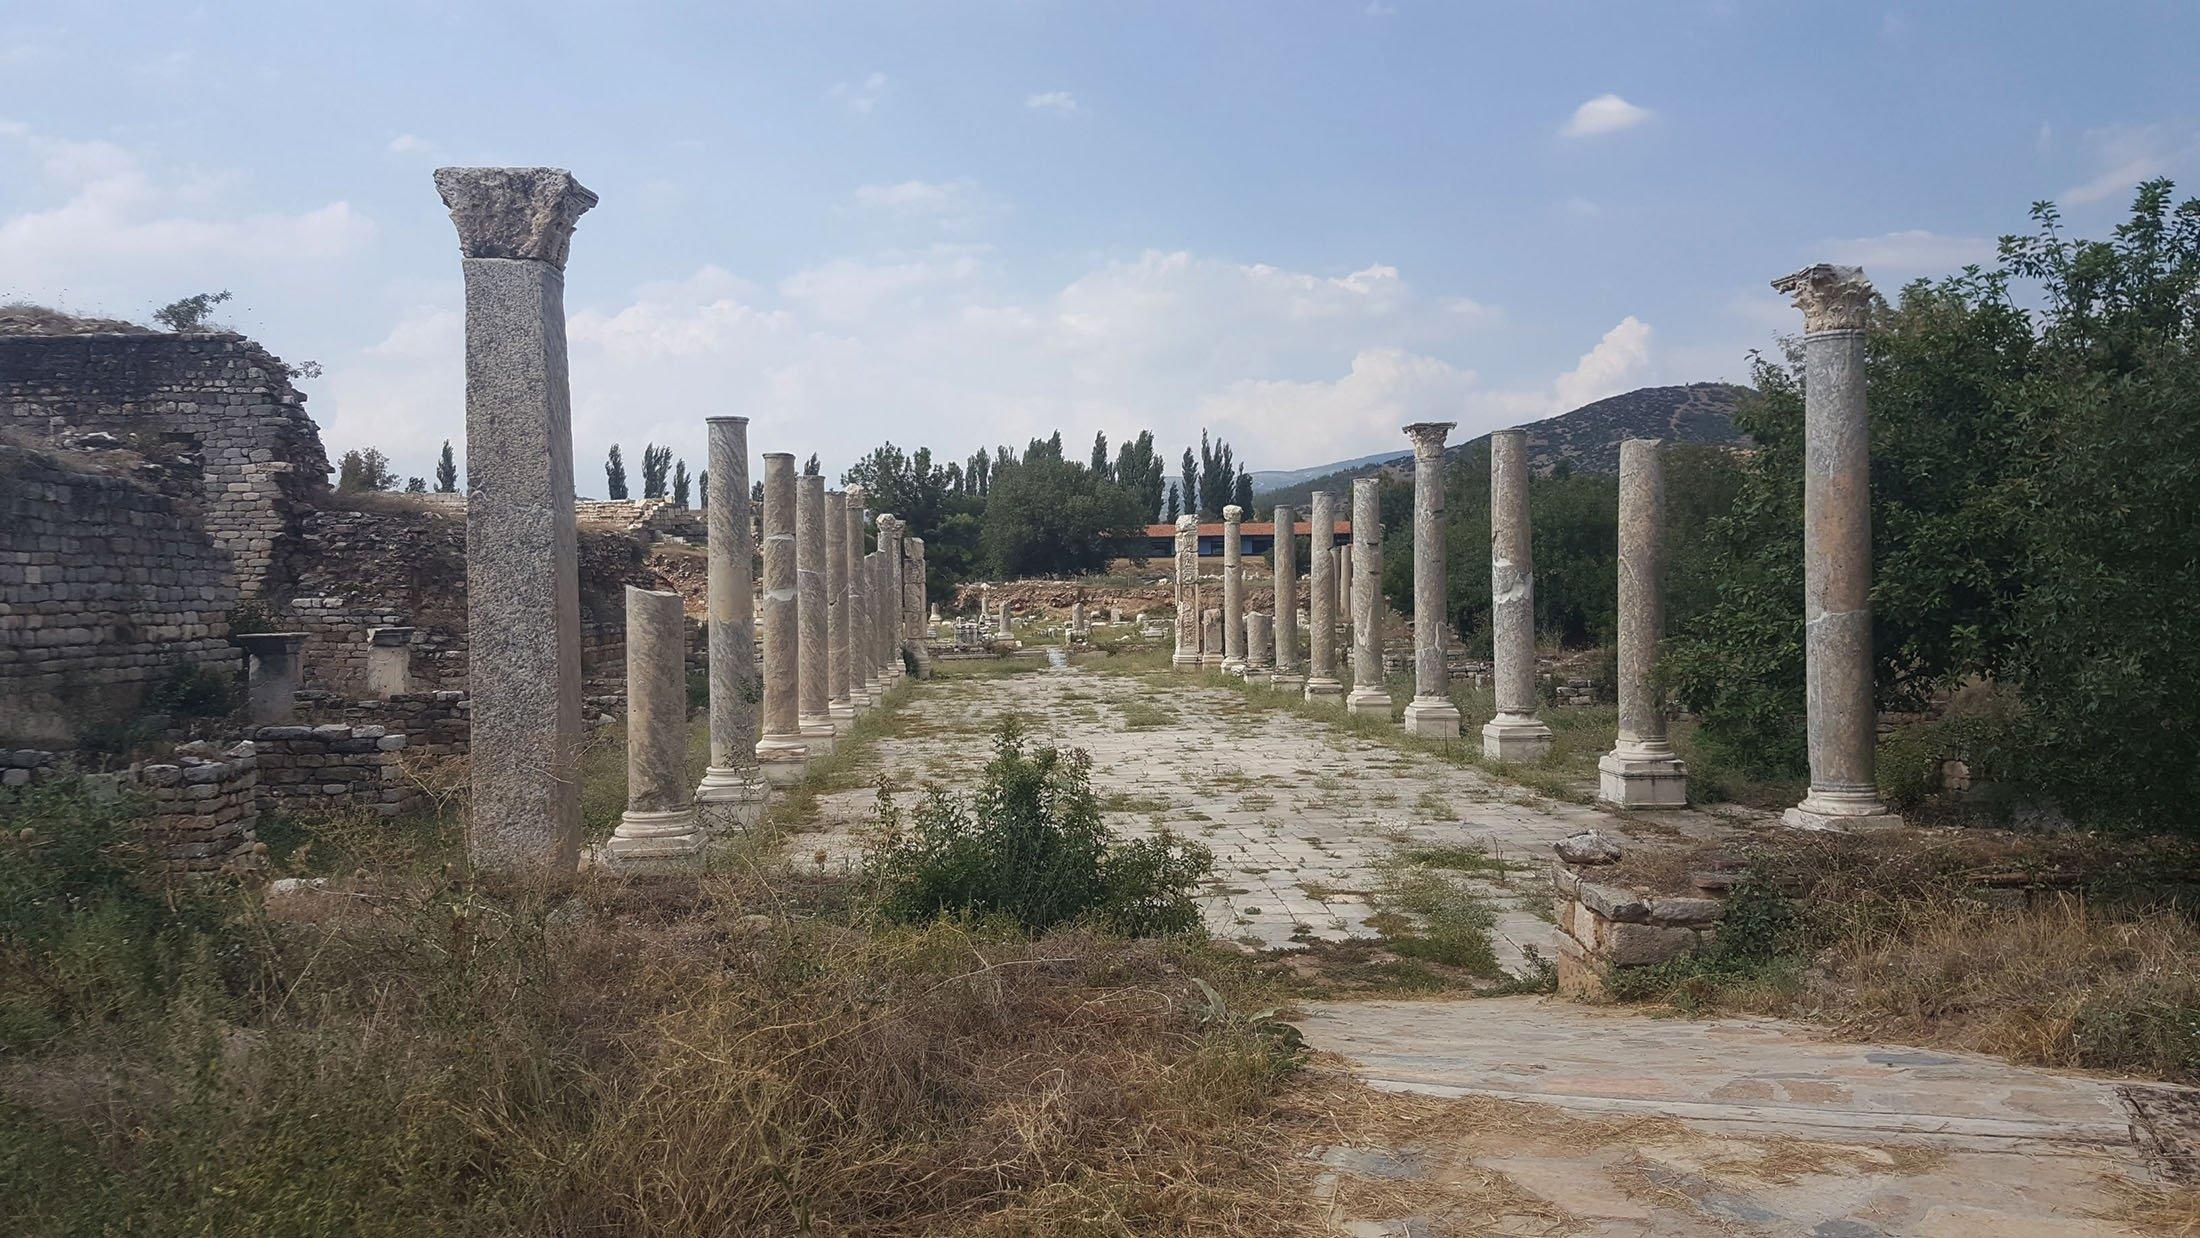 Columns at Aphrodisias. (Photo by Argun Konuk)